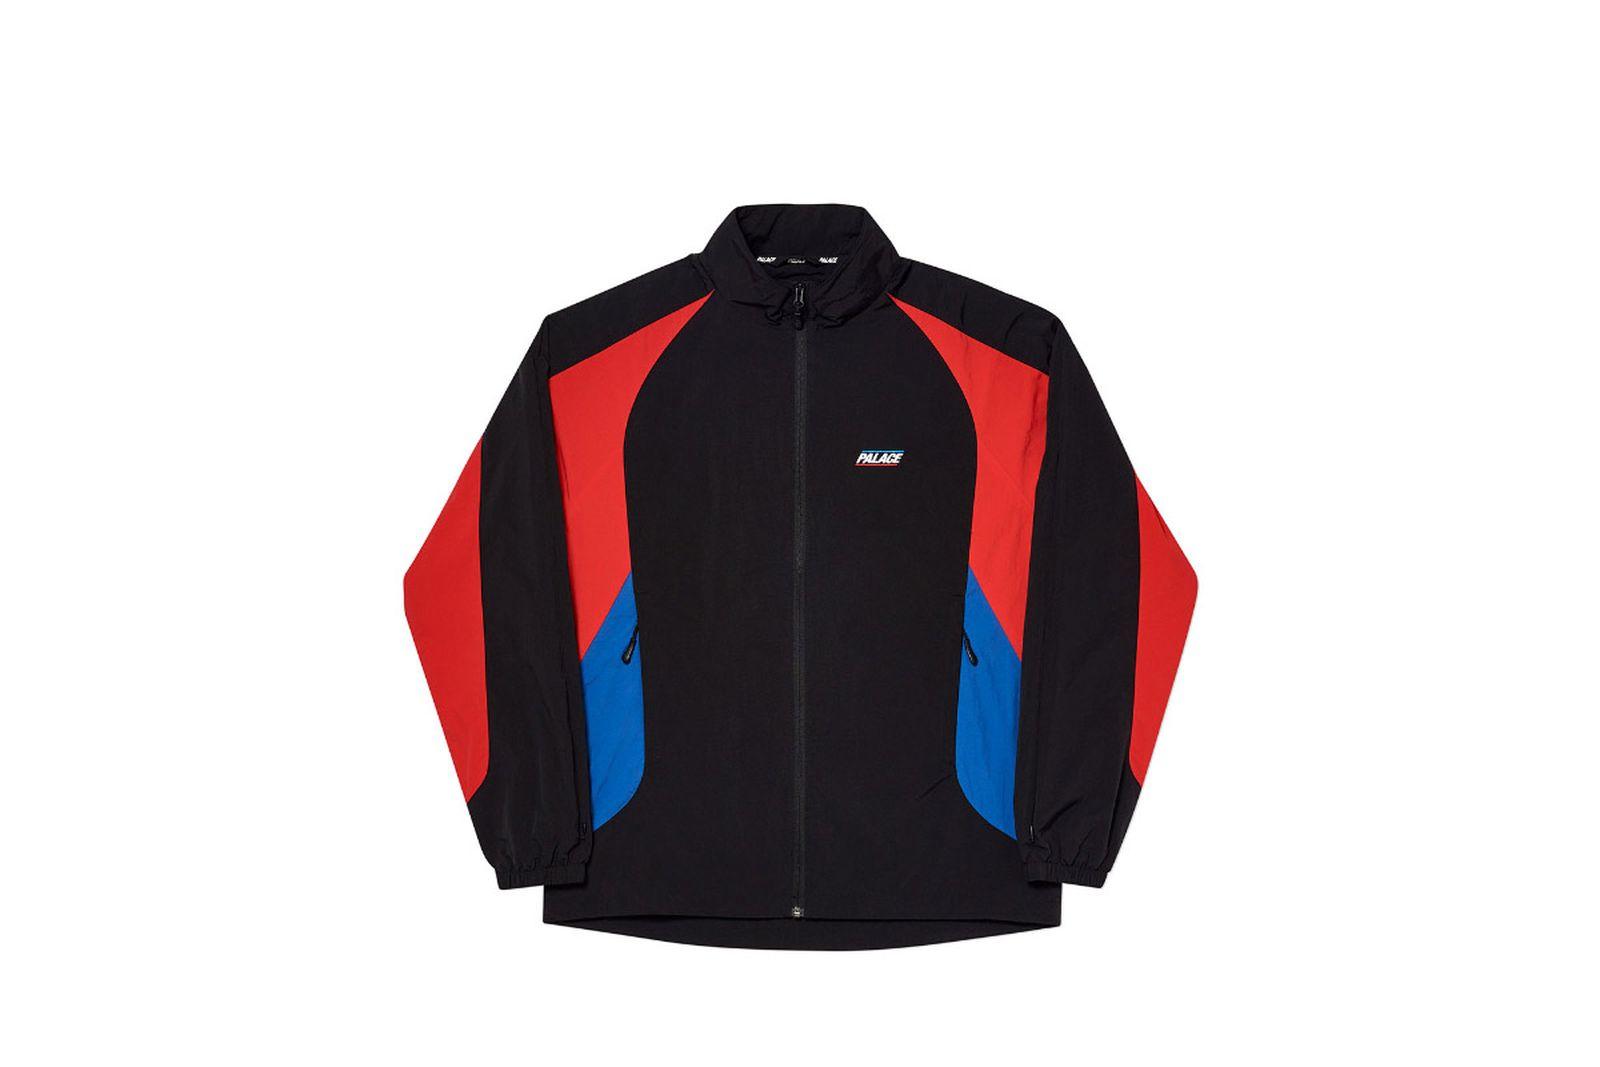 Palace 2019 Autumn Jacket revealer shell black sleeve option